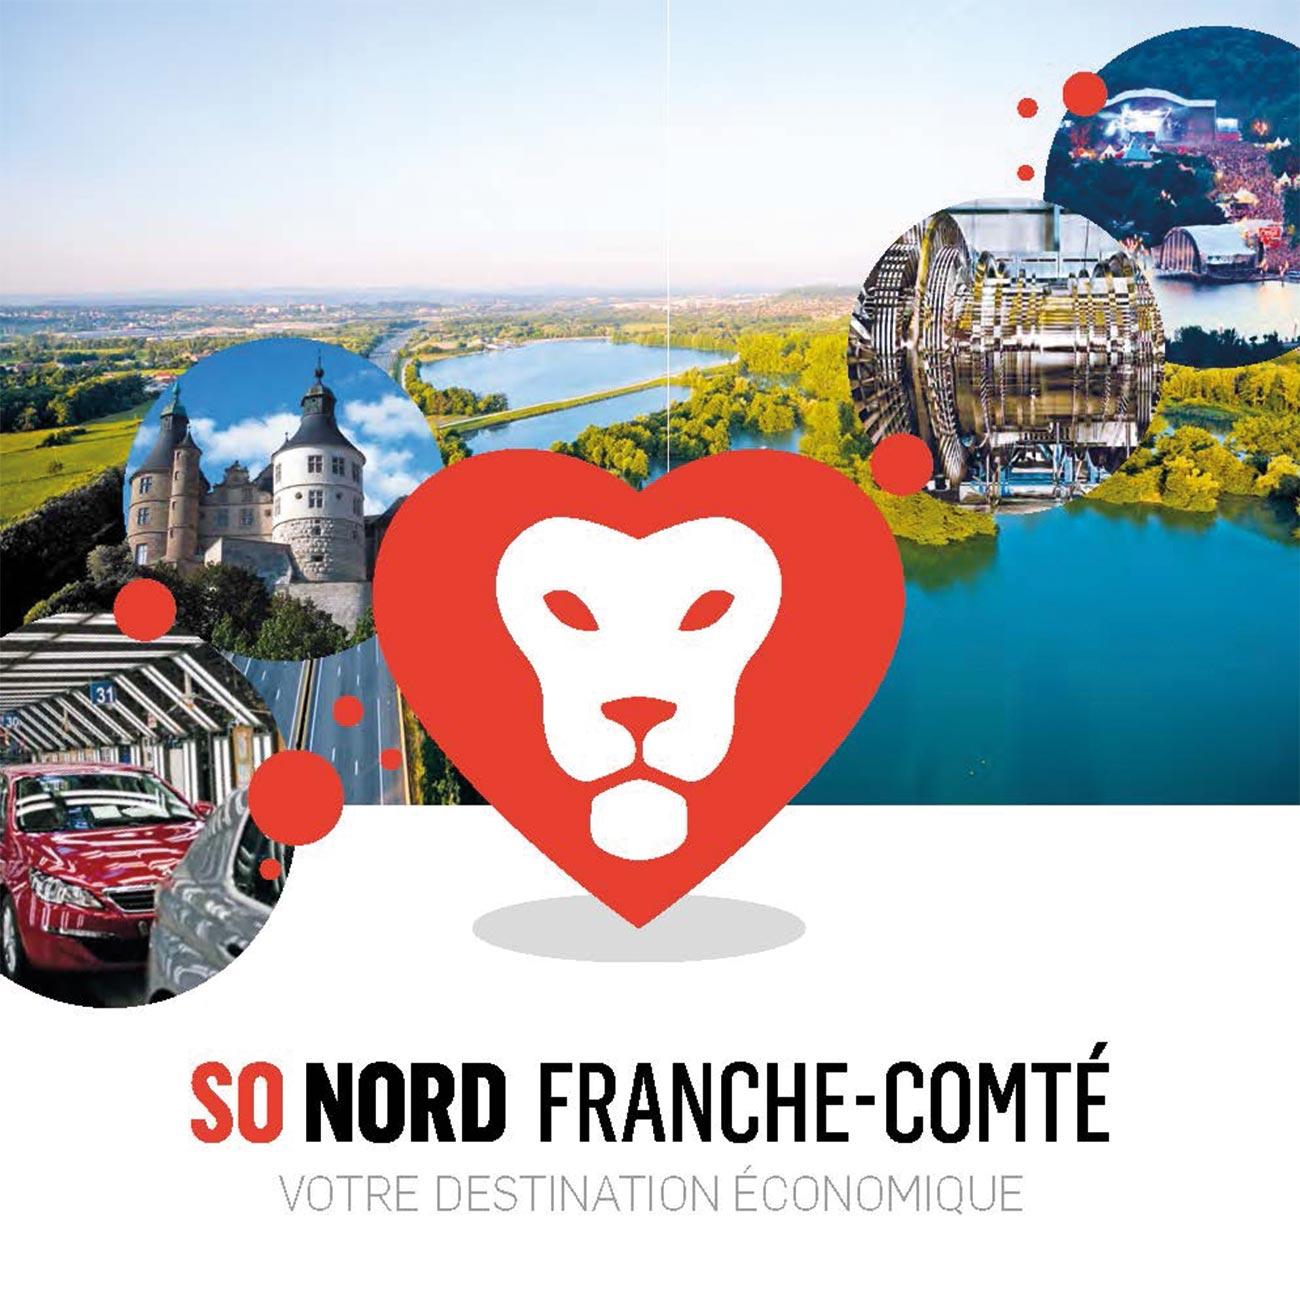 Documentation - SO Nord Franche-Comte_Destination économique